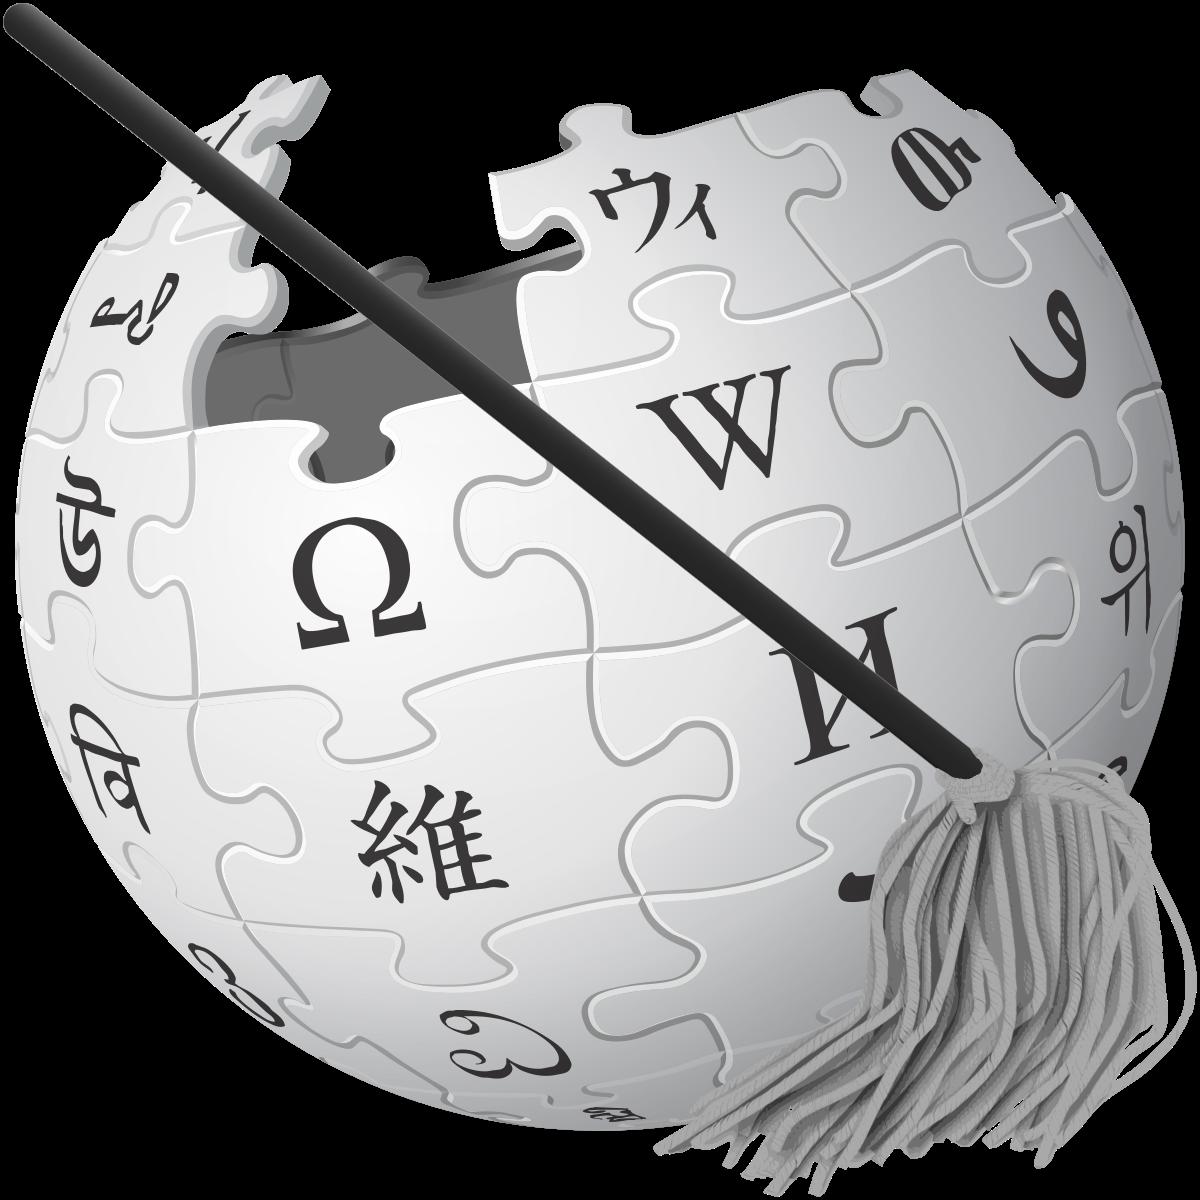 «Википедия» забанила четыре сайта, которые связывают с «фабрикой троллей»